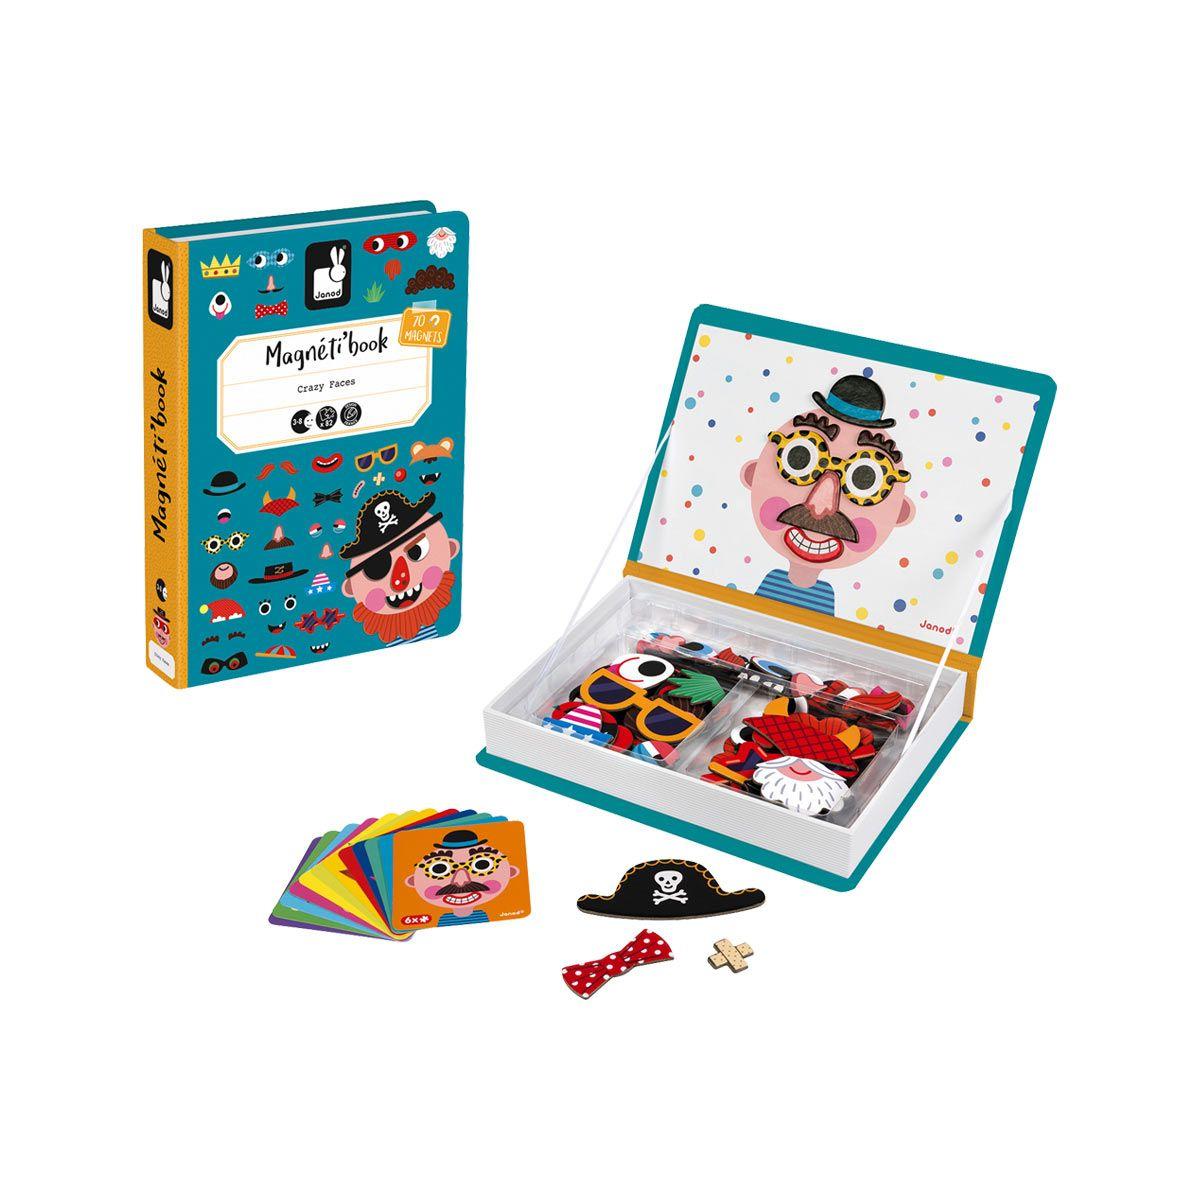 Magneti'book Crazy Face Janod   Jouet Eveil, Jeux Et Jeux Eveil à Jeux Enfant 3 Ans En Ligne